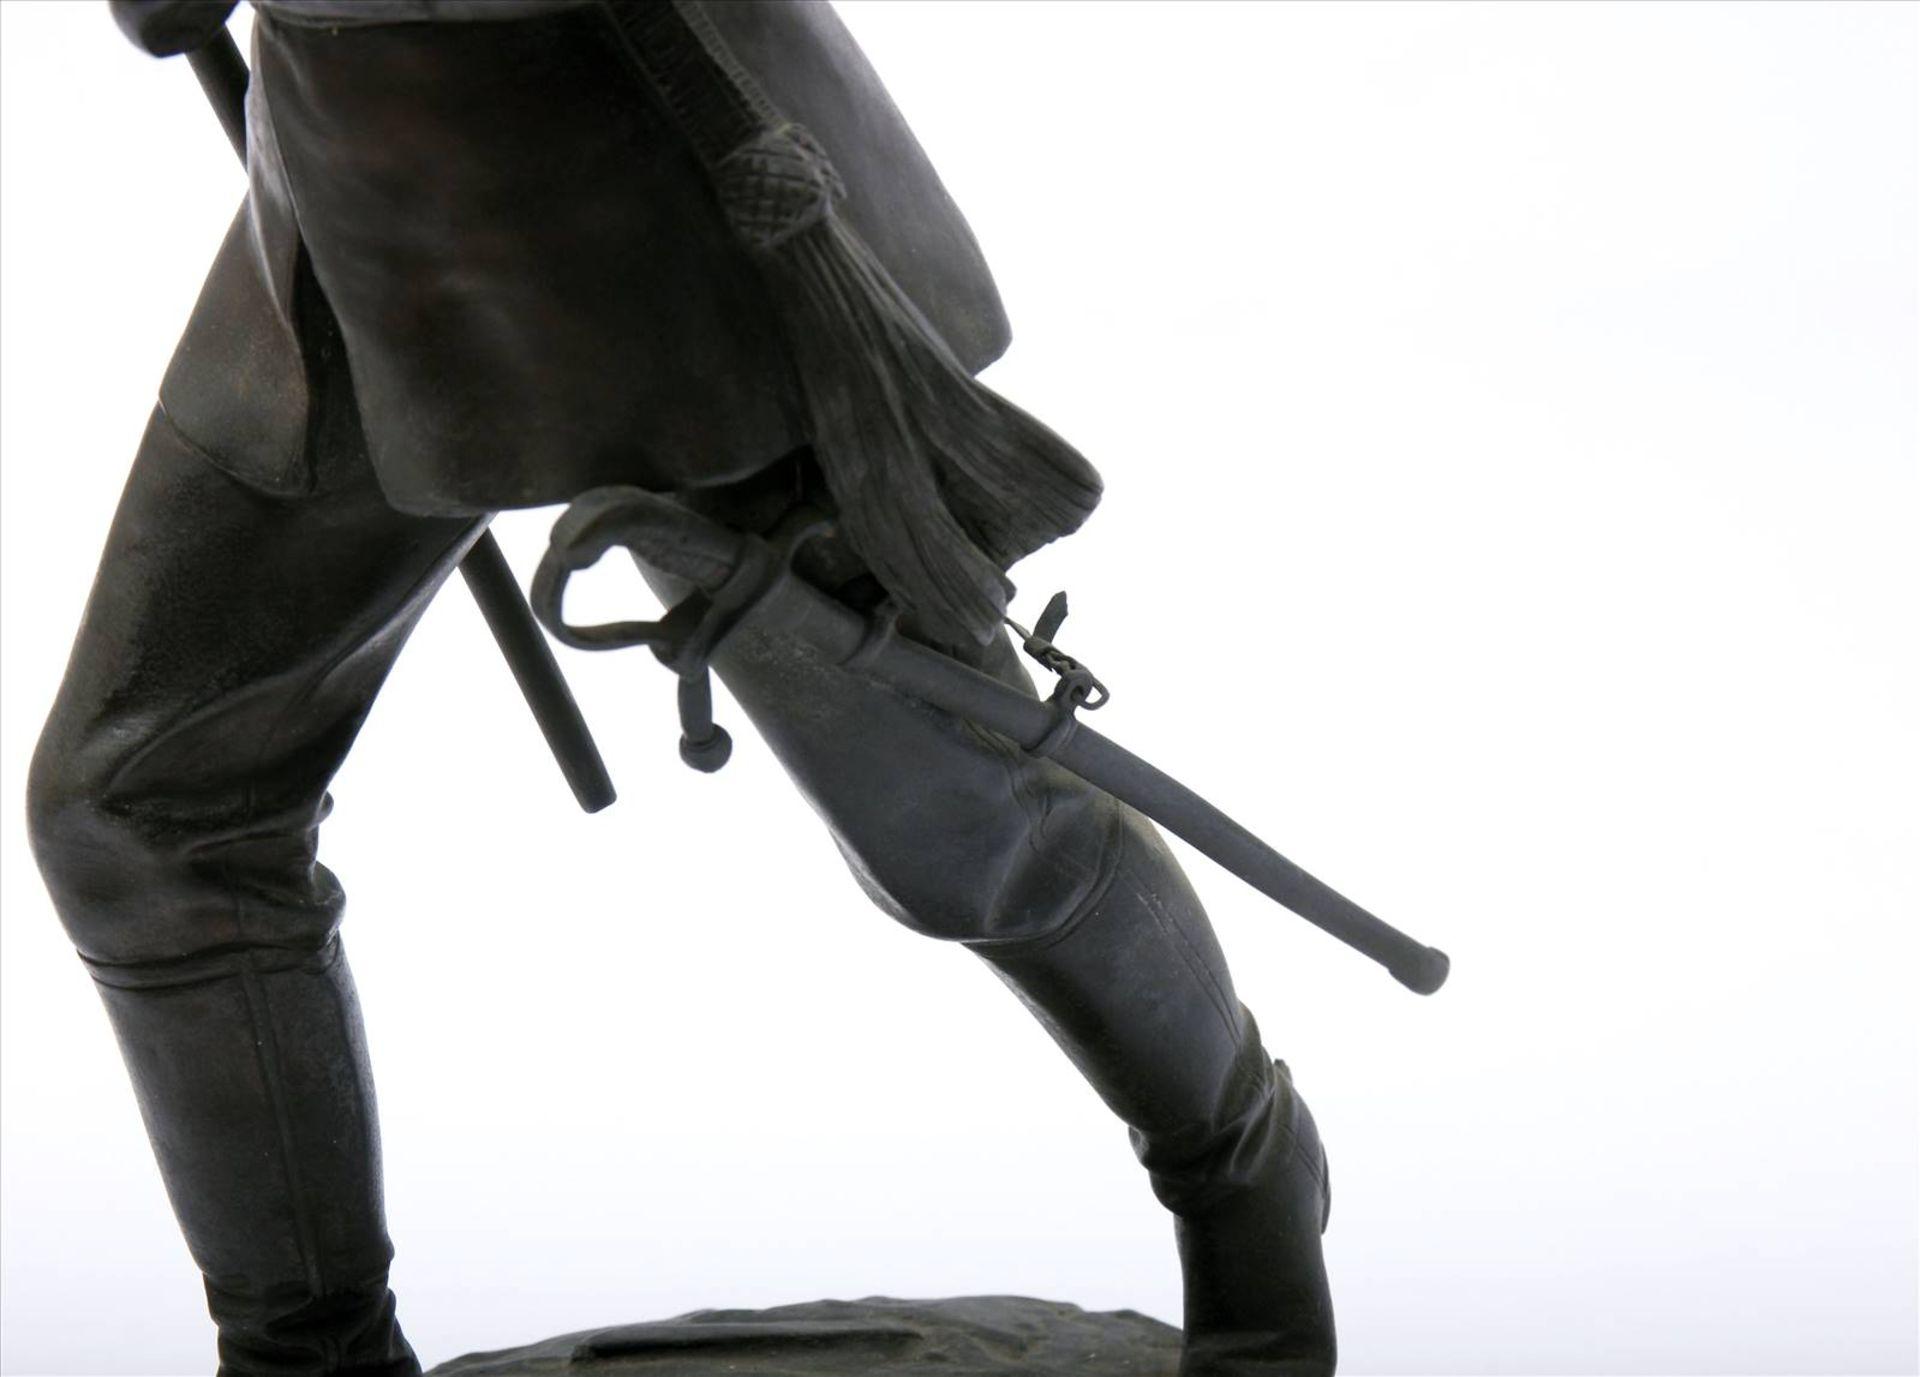 Figürlicher Grauguß, bronziert, Soldat des 1. Weltkriegs mit Pickelhaube, in der rechten Hand - Bild 7 aus 9